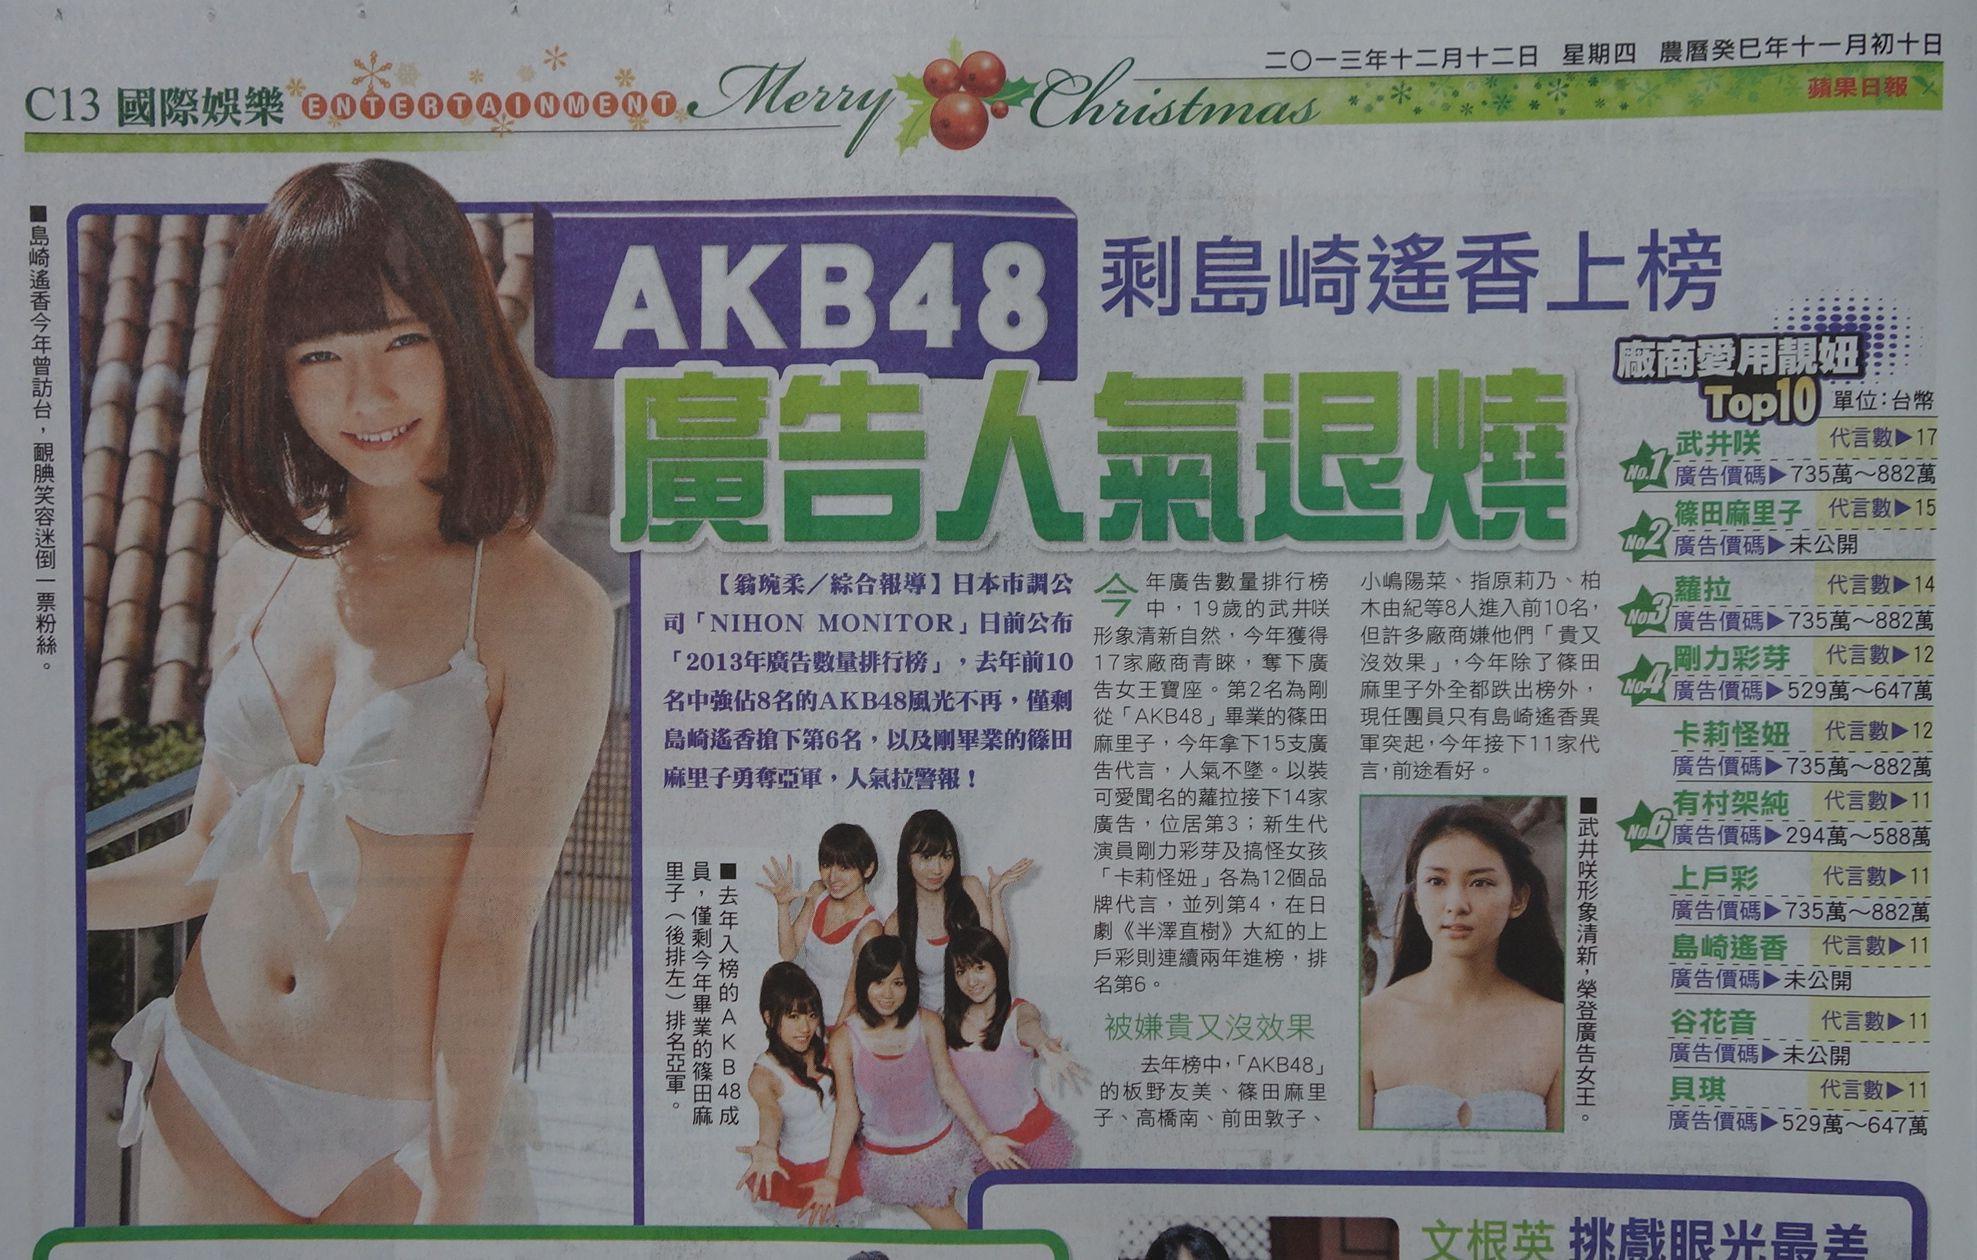 AKB48剩島崎遙香上榜 廣告人氣退燒 20131212